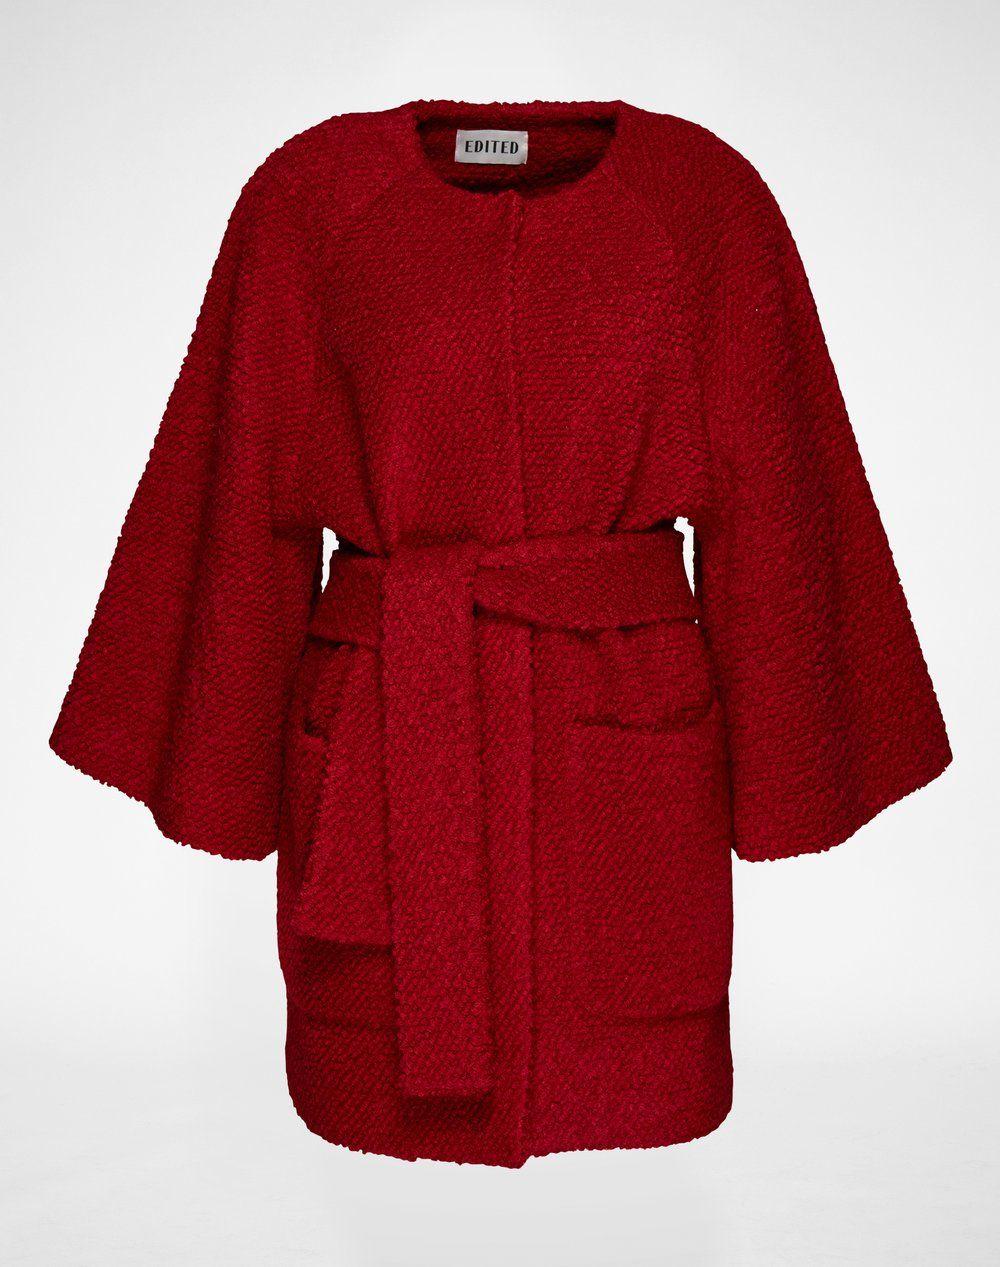 Dieser Stylishe Boucle Mantel Aus Wollmix Georgy Von Edited Gibt Dir Einen Guten Grund Dich Auf Die Kuhleren Monate Zu Freuen Boucle Mantel Modestil Mantel